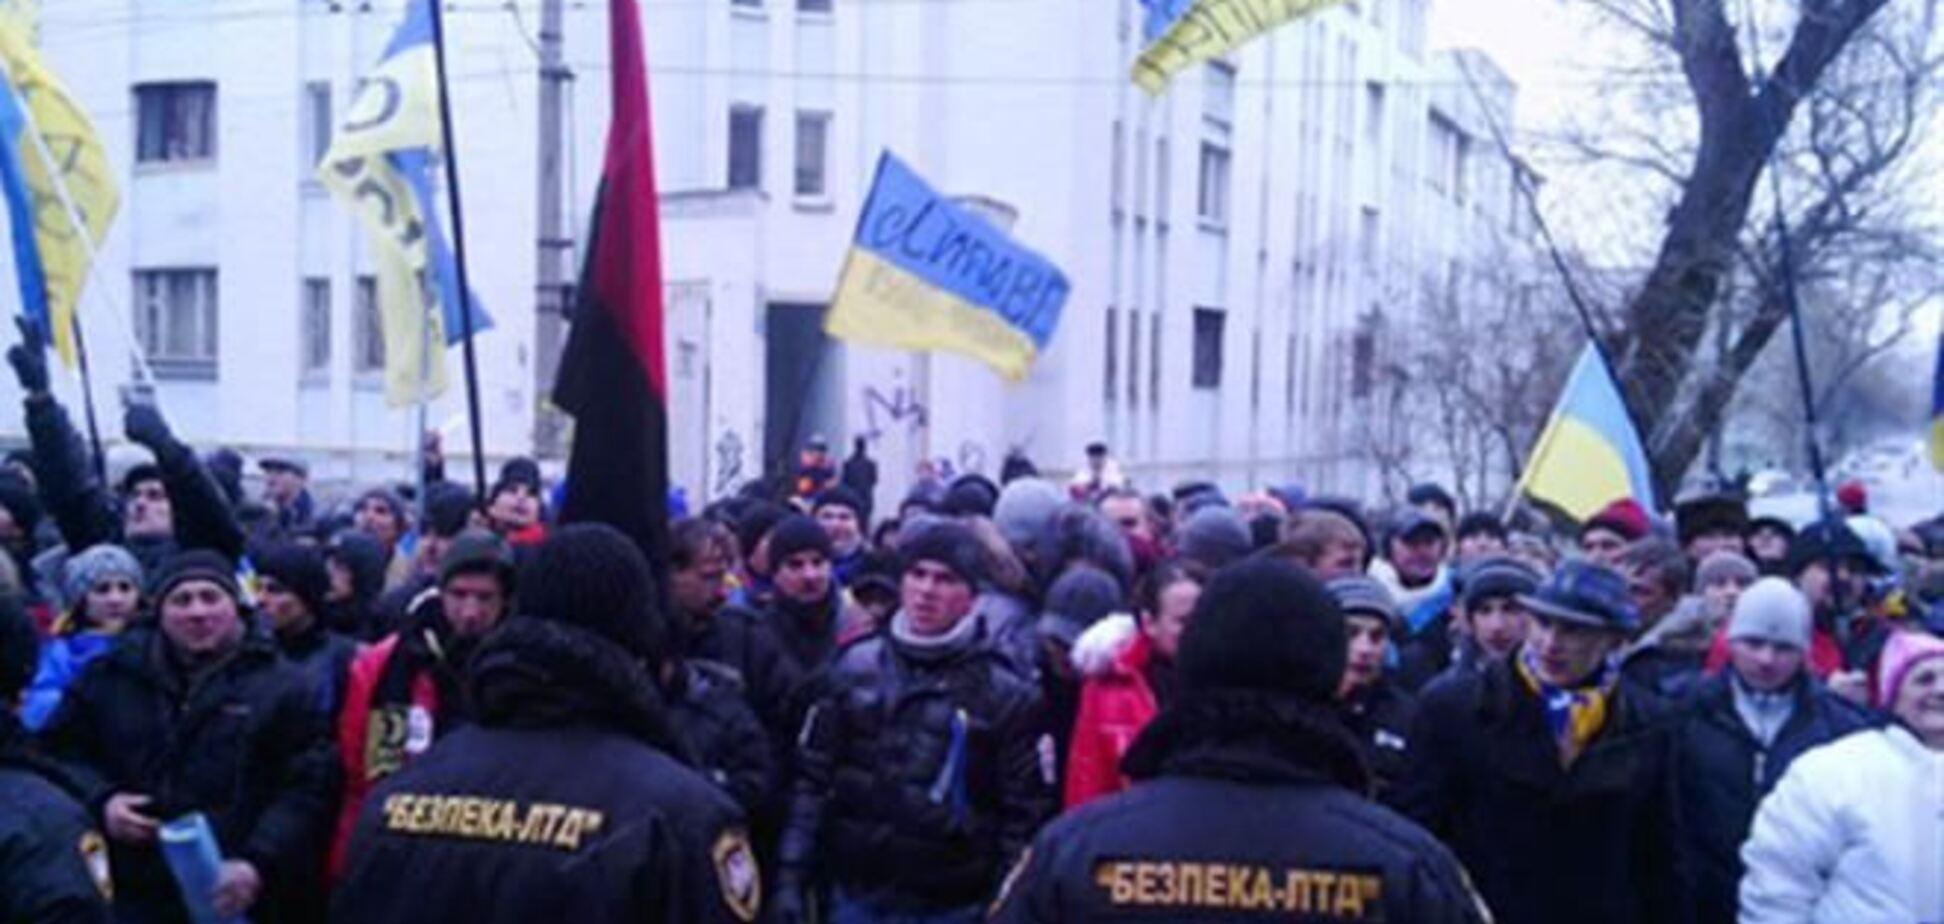 Евромайдановцы пикетируют пять телеканалов